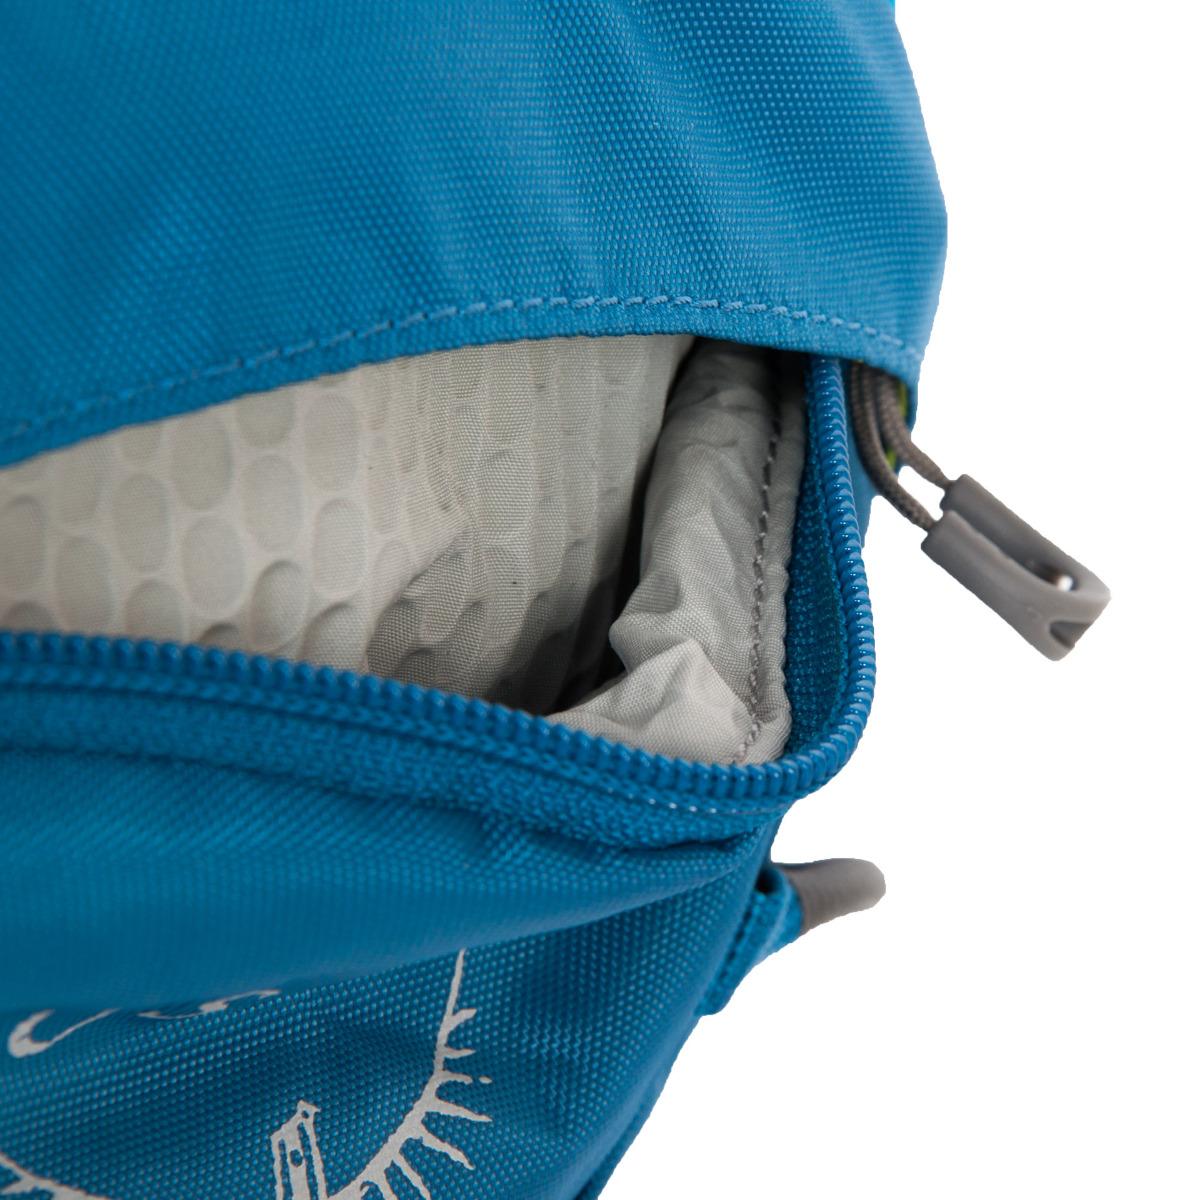 Osprey Axis 18 II Boreal Blue Praktický spoločník na každodennú cestu do práce alebo na krátky výlet je vhodný pre každého, kto hľadá jednoduchý, široko využiteľný batoh.  - predný sťahovací systém vhodný na umiestnenie bundy či prilby - predné vrecko s organizérom - vnútorný oddiel na dokumenty - vnútri klip na kľúče - pútko na prichytenie LED svetla - čalúnené vrecko na notebook či tablet - reflexné prvky - hrudný popruh s núdzovou píšťalkou - malé čalúnené vrecko na okuliare či elektroniku - bočné vrecká na zips